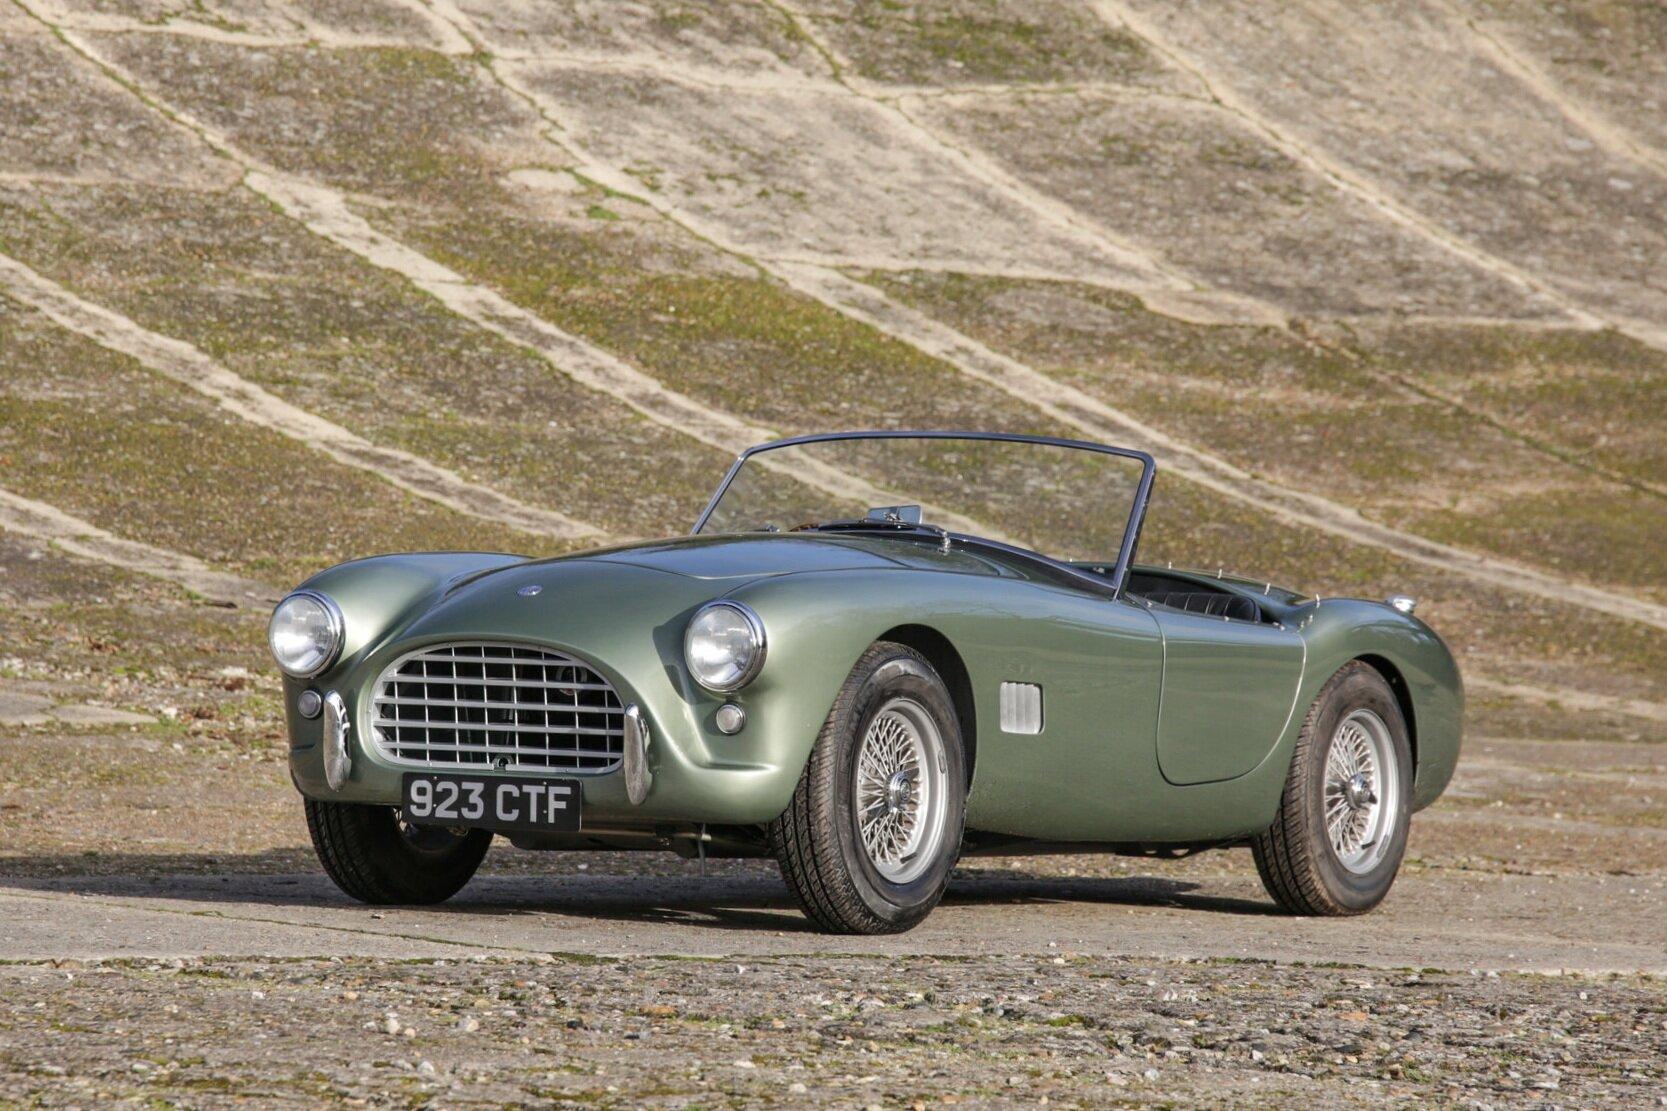 1955 Ac Ace Brooklands Cars Ltd